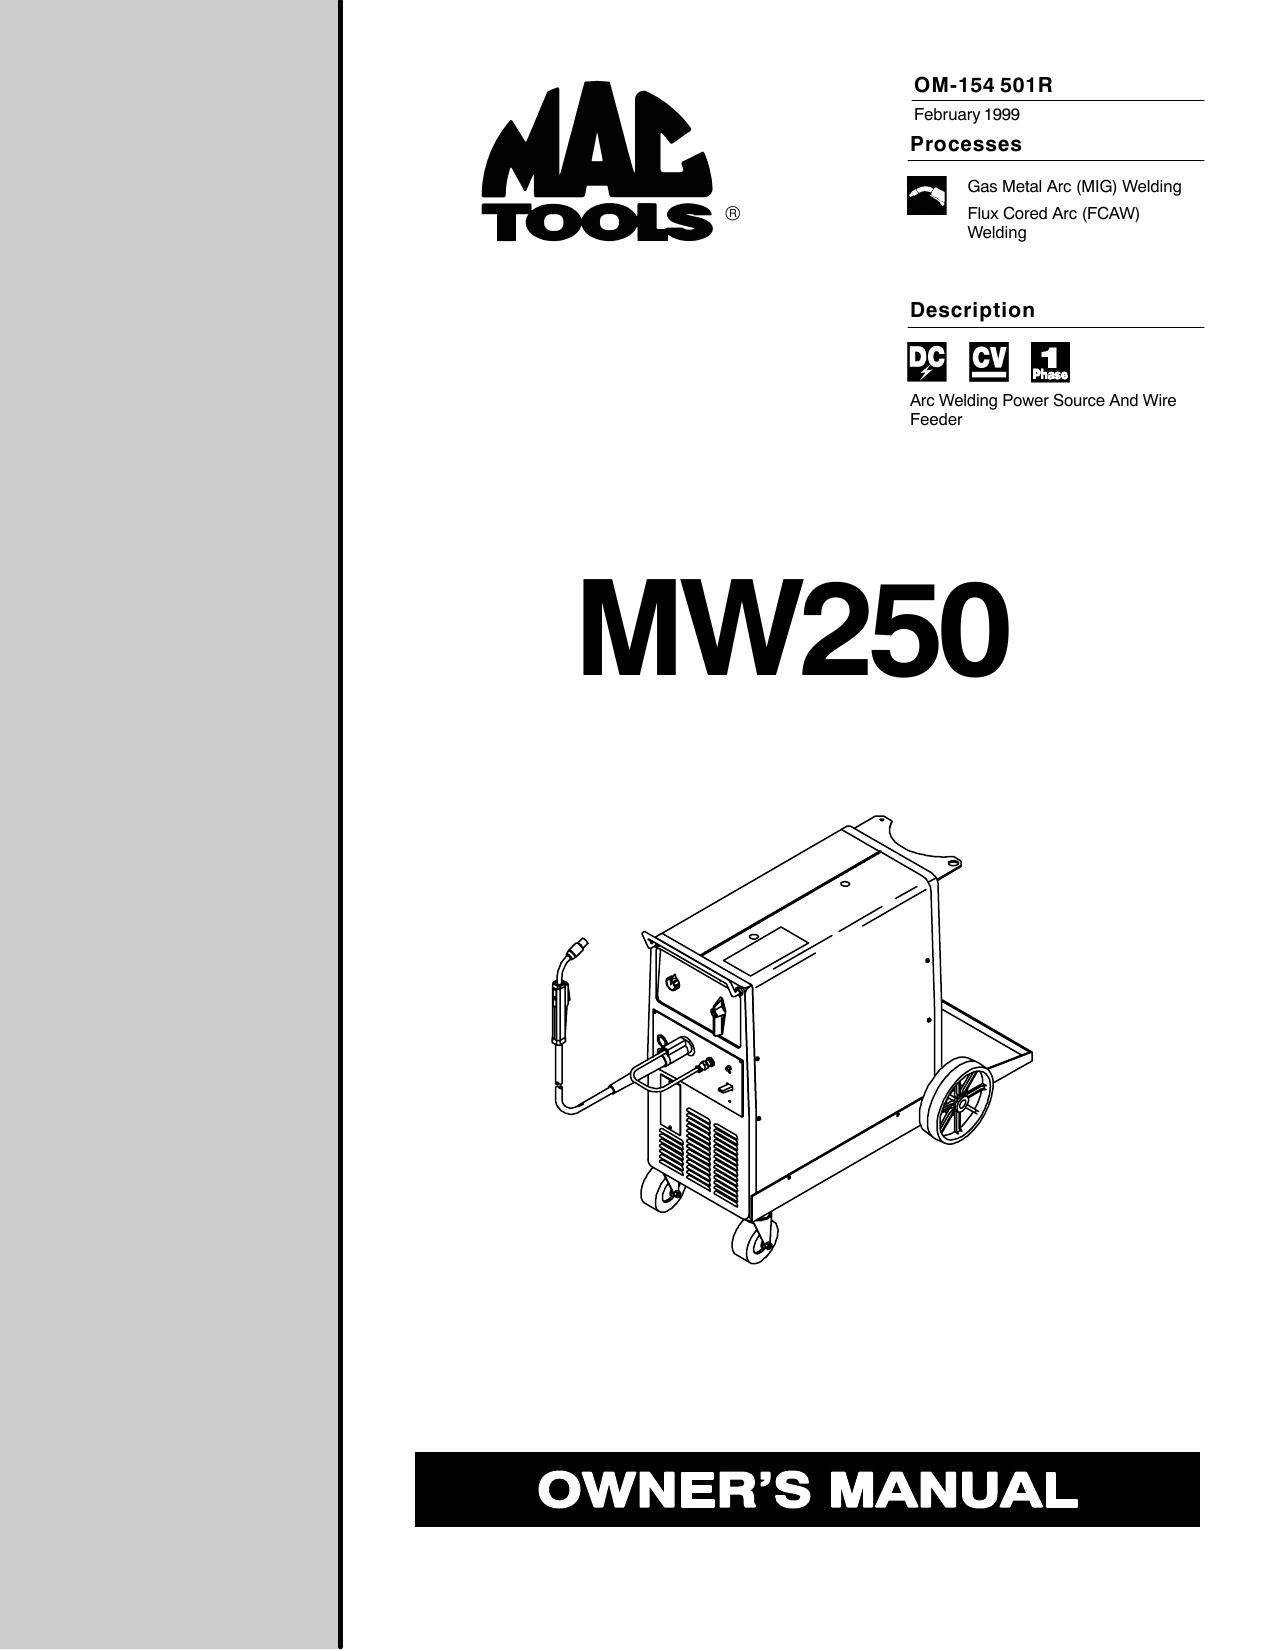 gas arc welder wiring diagram miller mw250 user manual manualzz  miller mw250 user manual manualzz